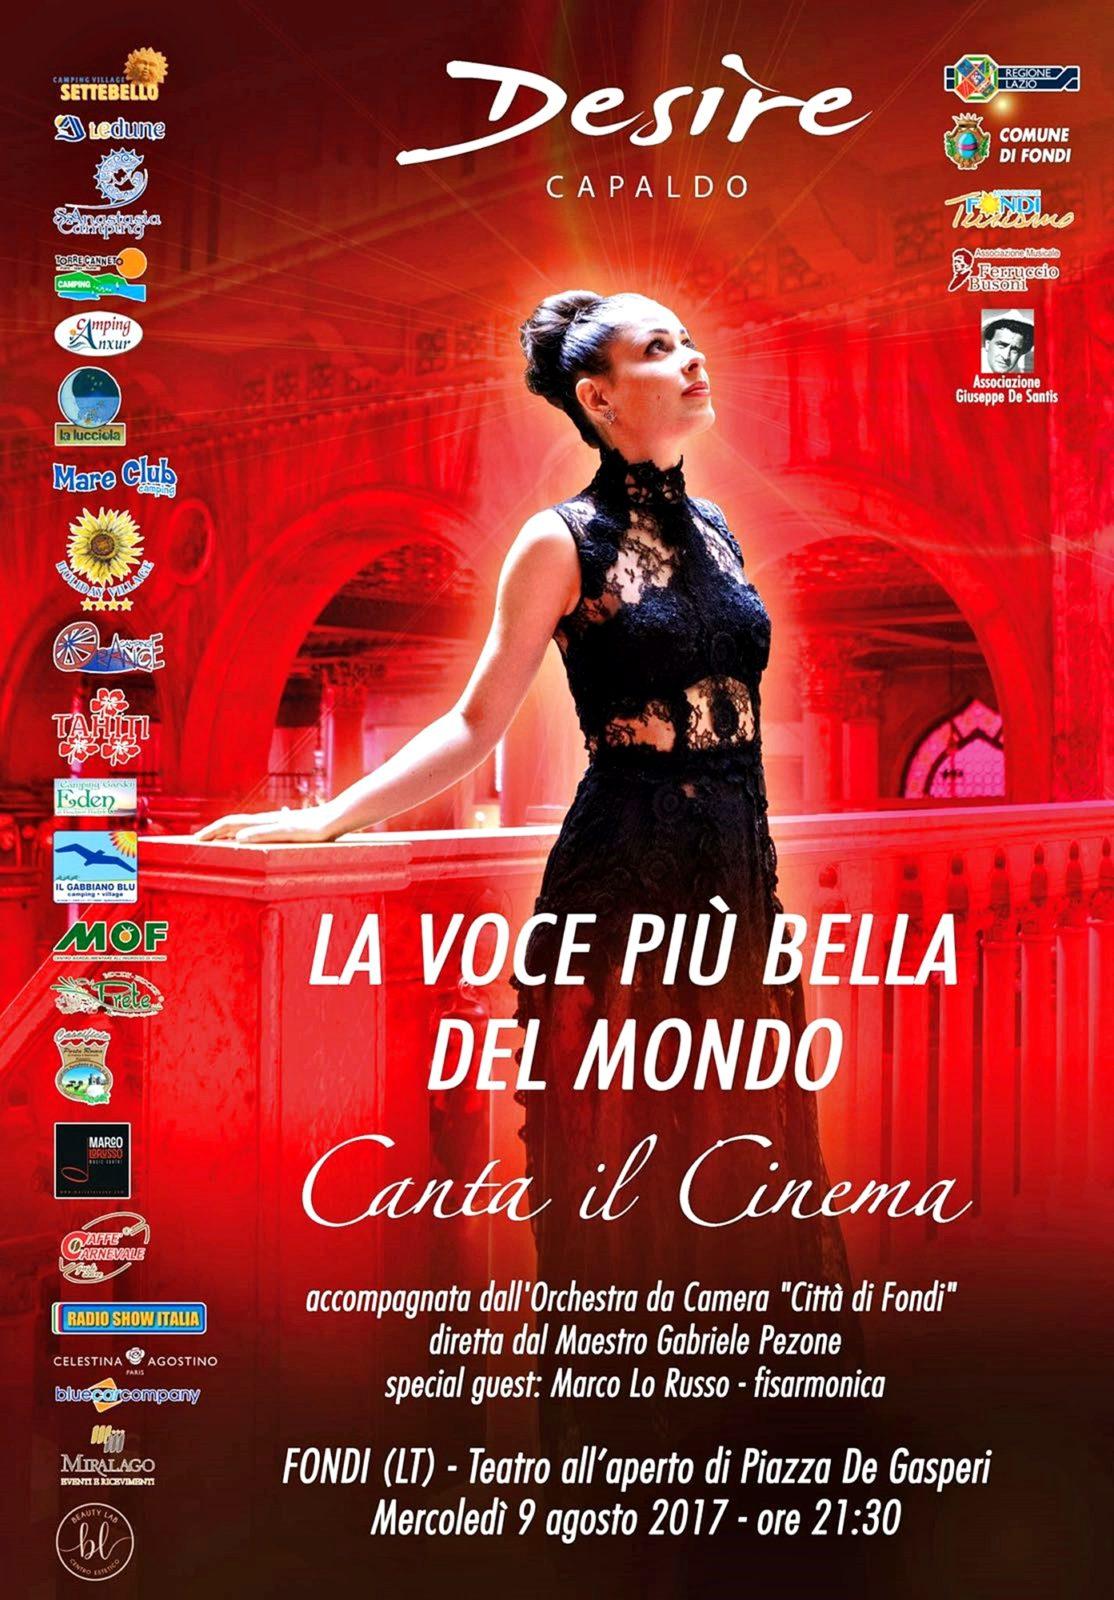 LOC Concerto Desire canta il Cinema 9-8-17